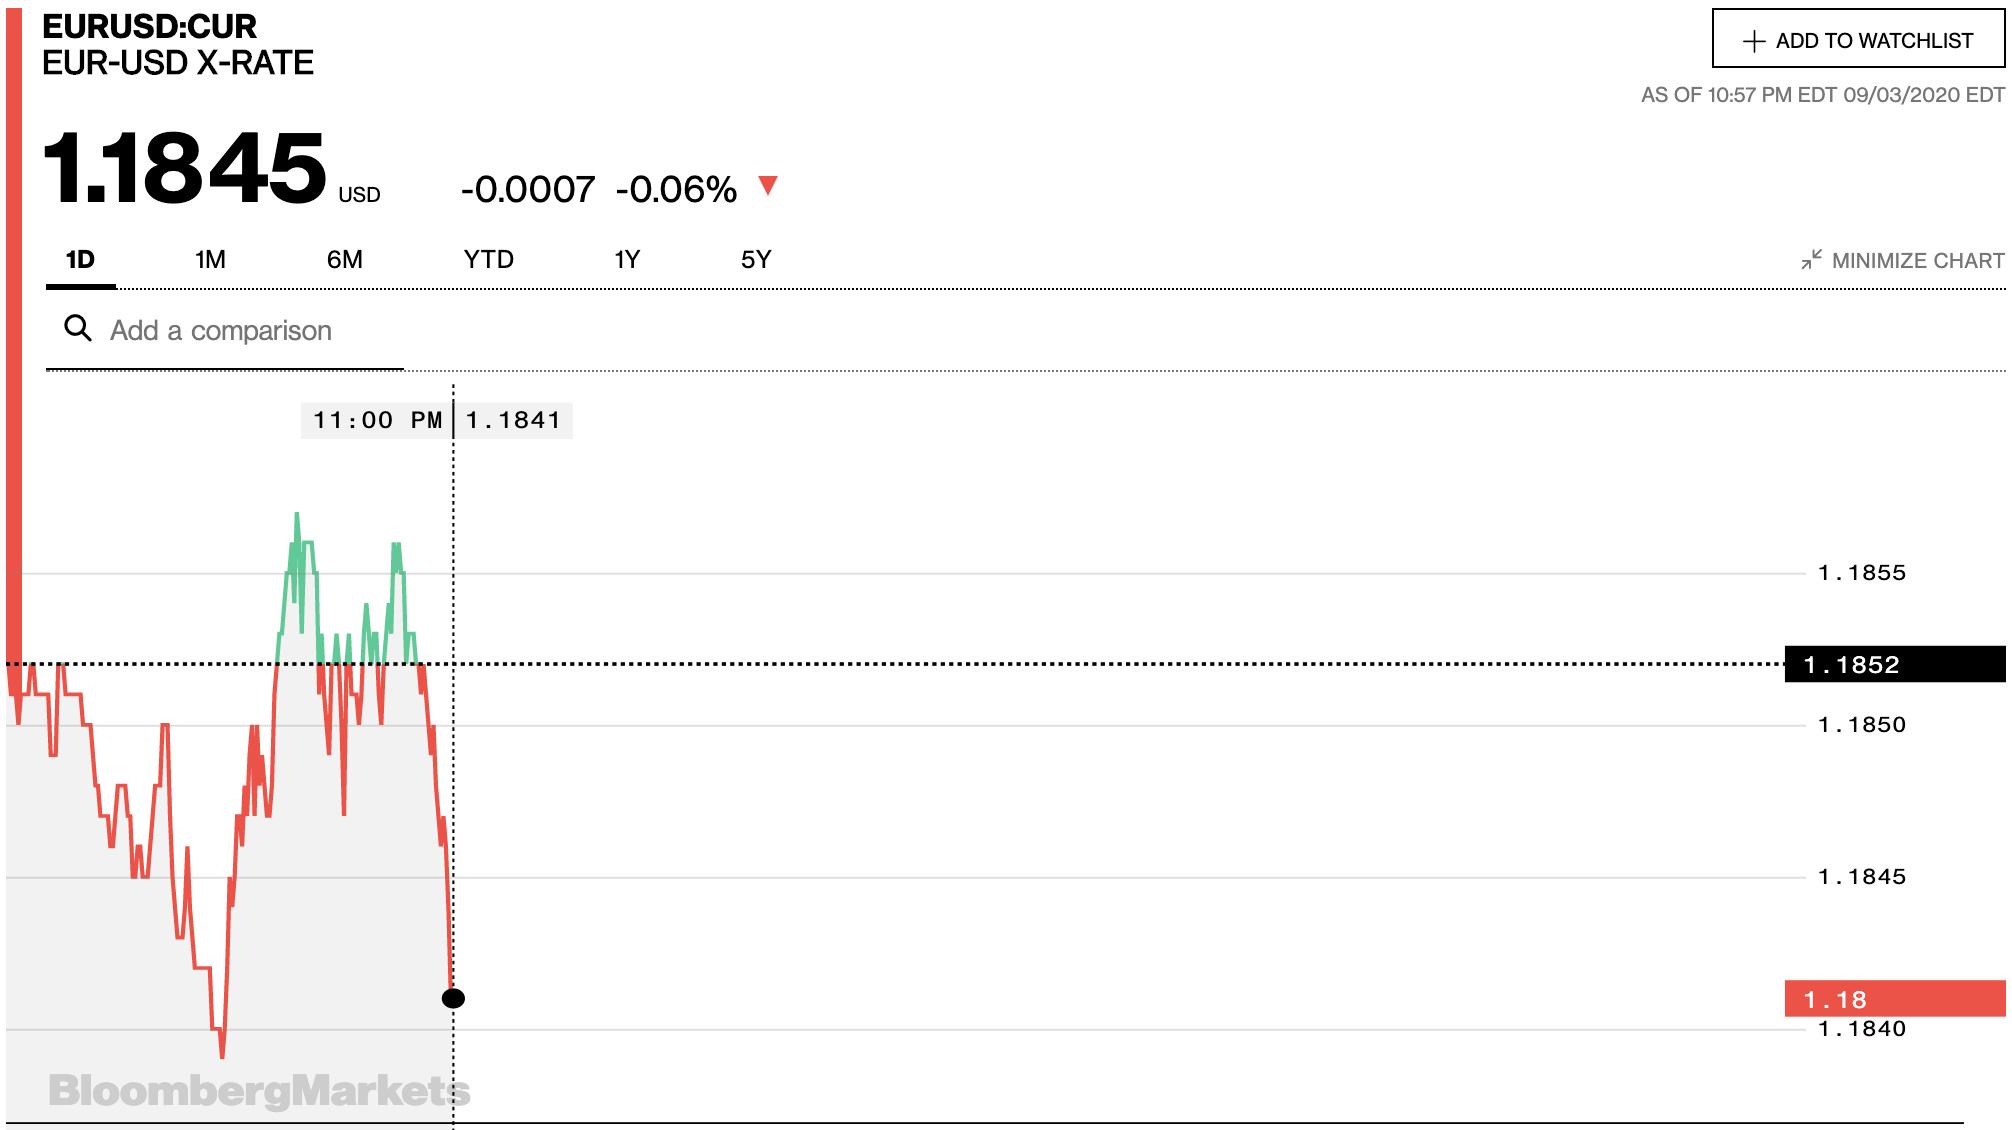 Tỷ giá euro hôm nay 4/9: Bất ngờ đồng loạt quay đầu tăng tại các ngân hàng - Ảnh 2.